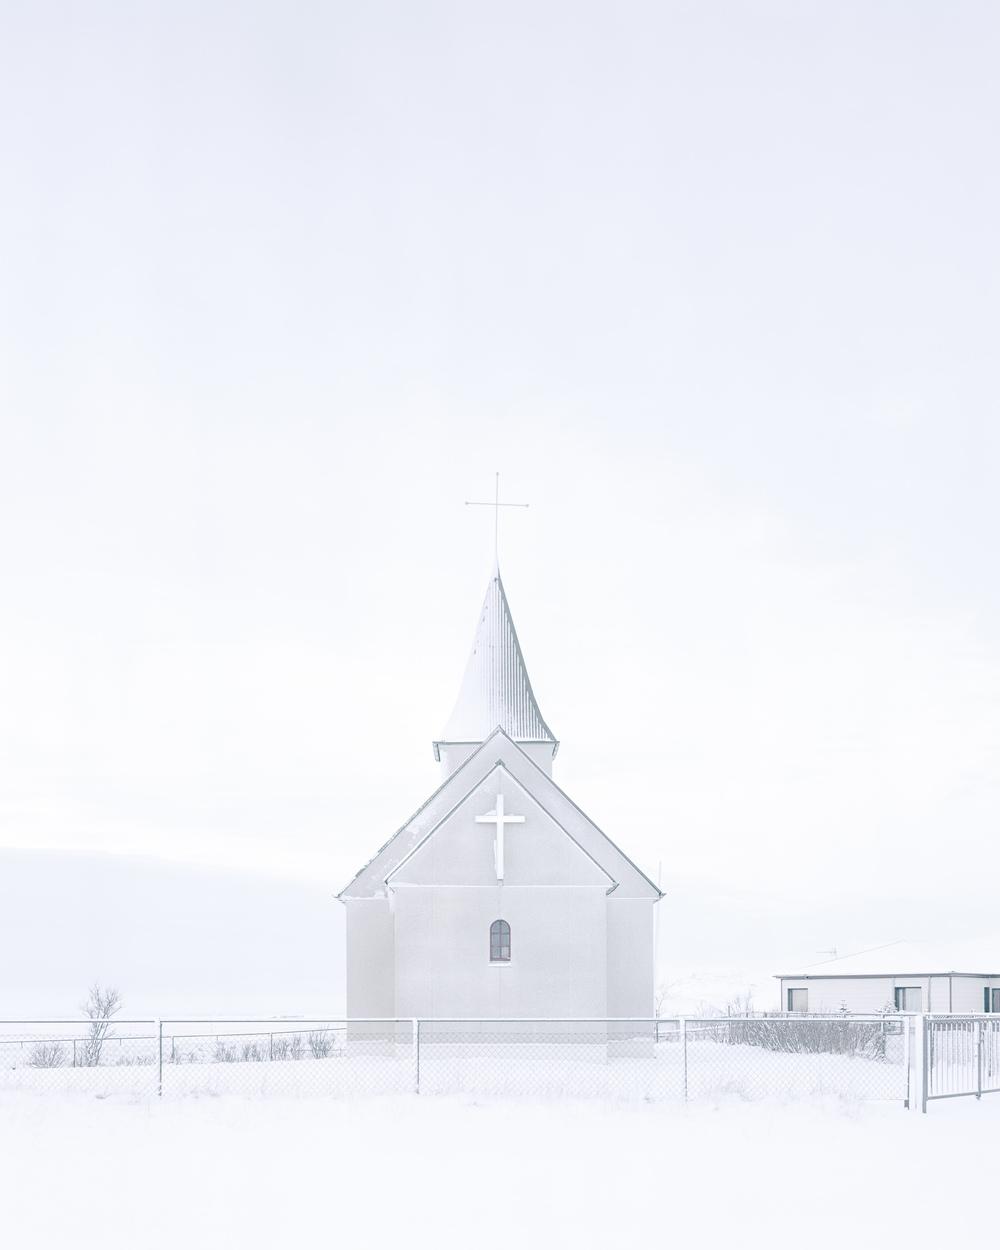 Guðjón's Church #4